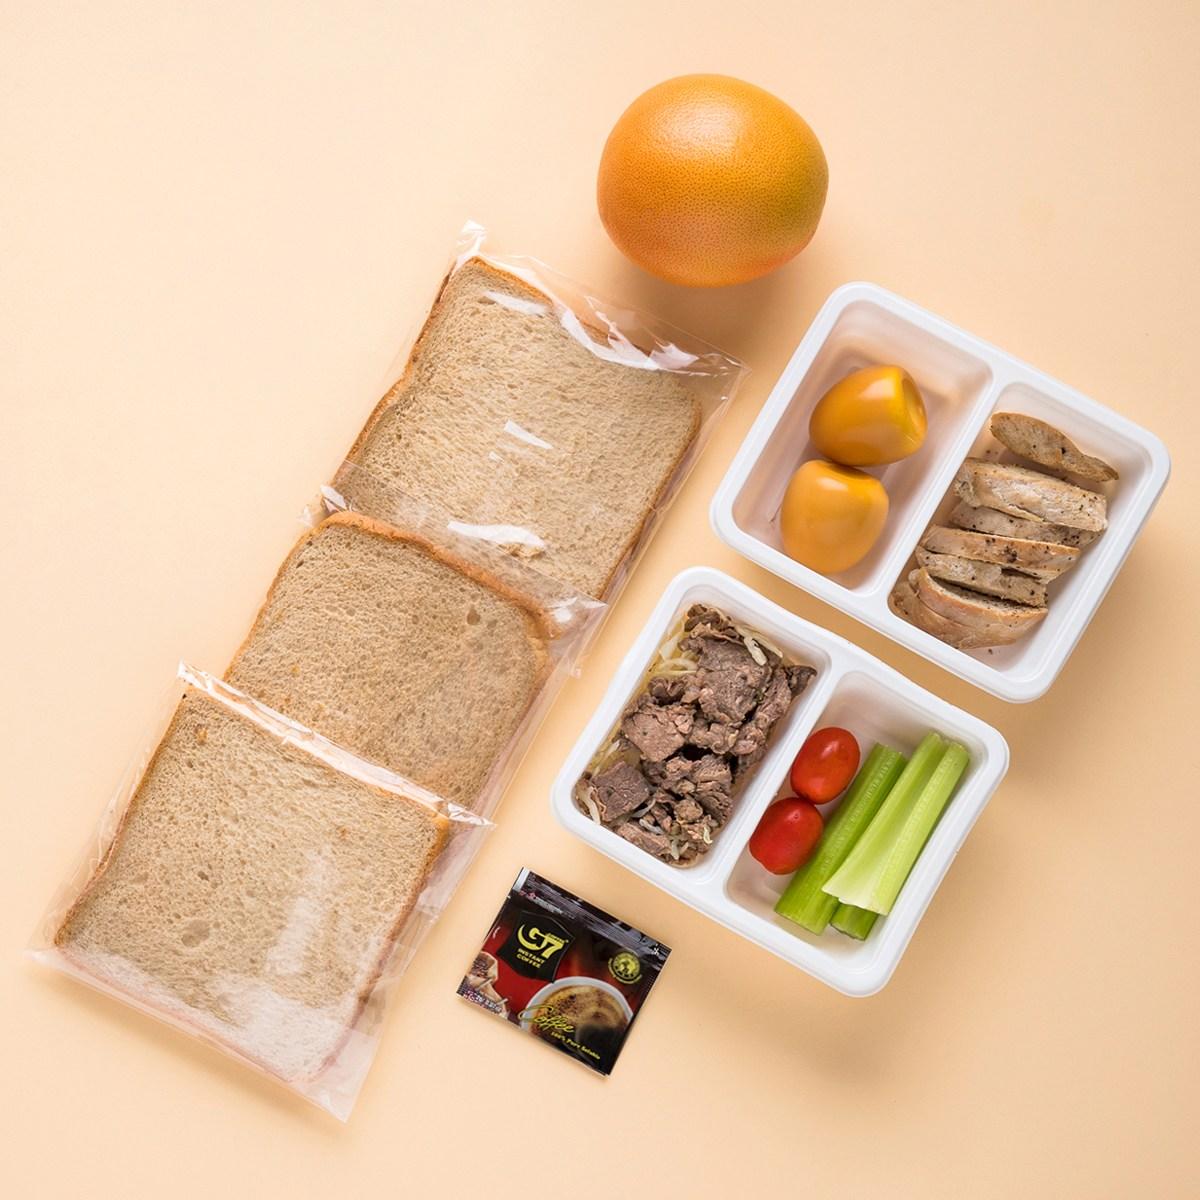 슬림쿡 [정기배송] 덴마크 프로그램 식단관리 도시락 X 2주, 단품